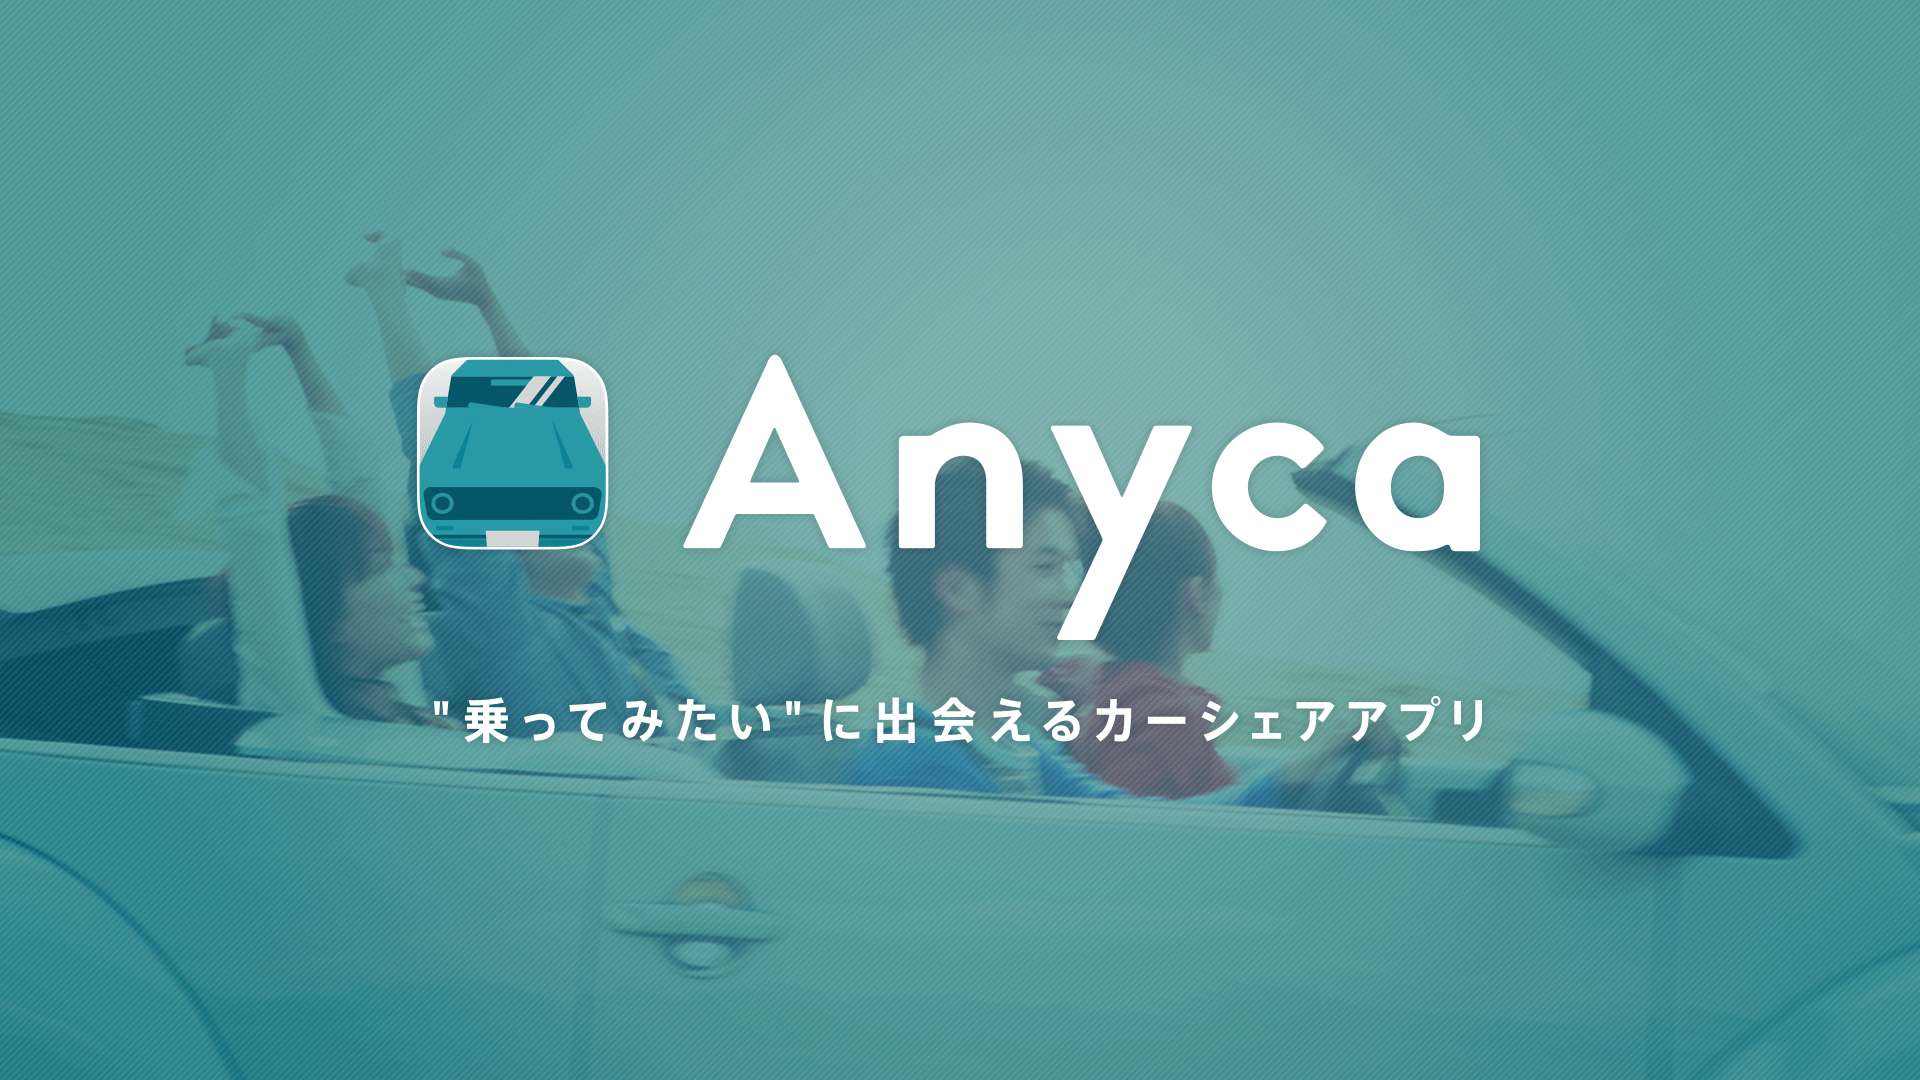 Anyca エニカ カーシェアアプリ クルマ